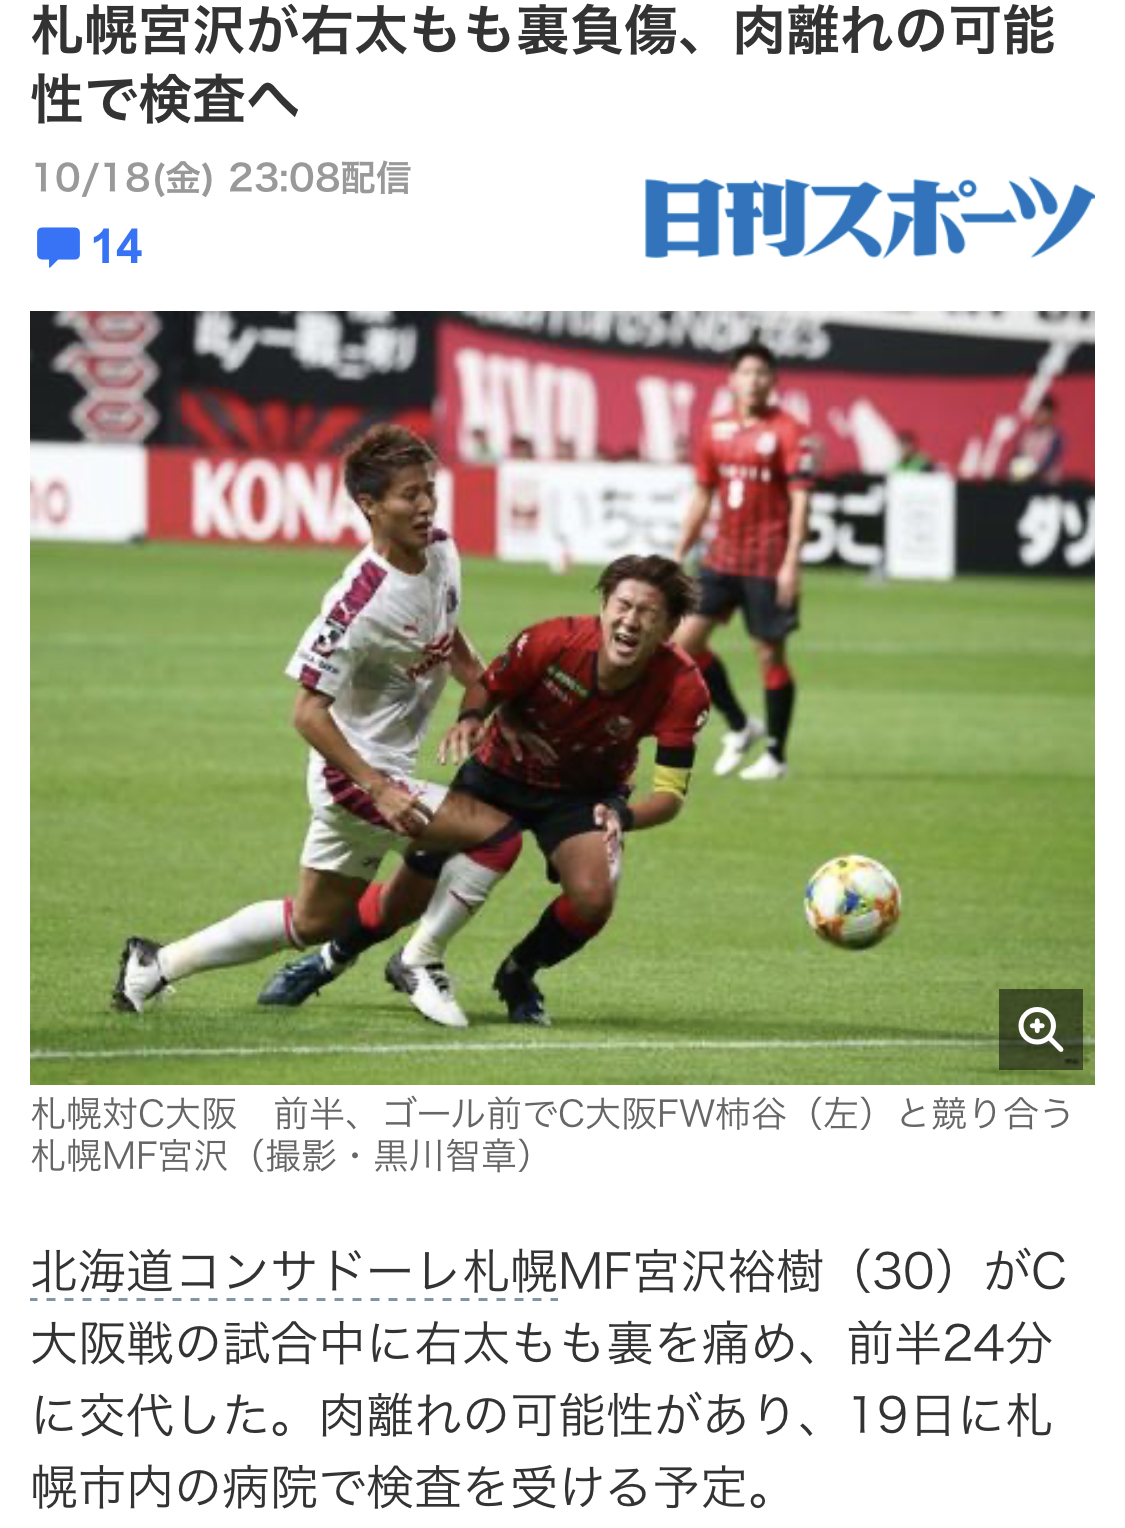 サッカー 掲示板 北海道